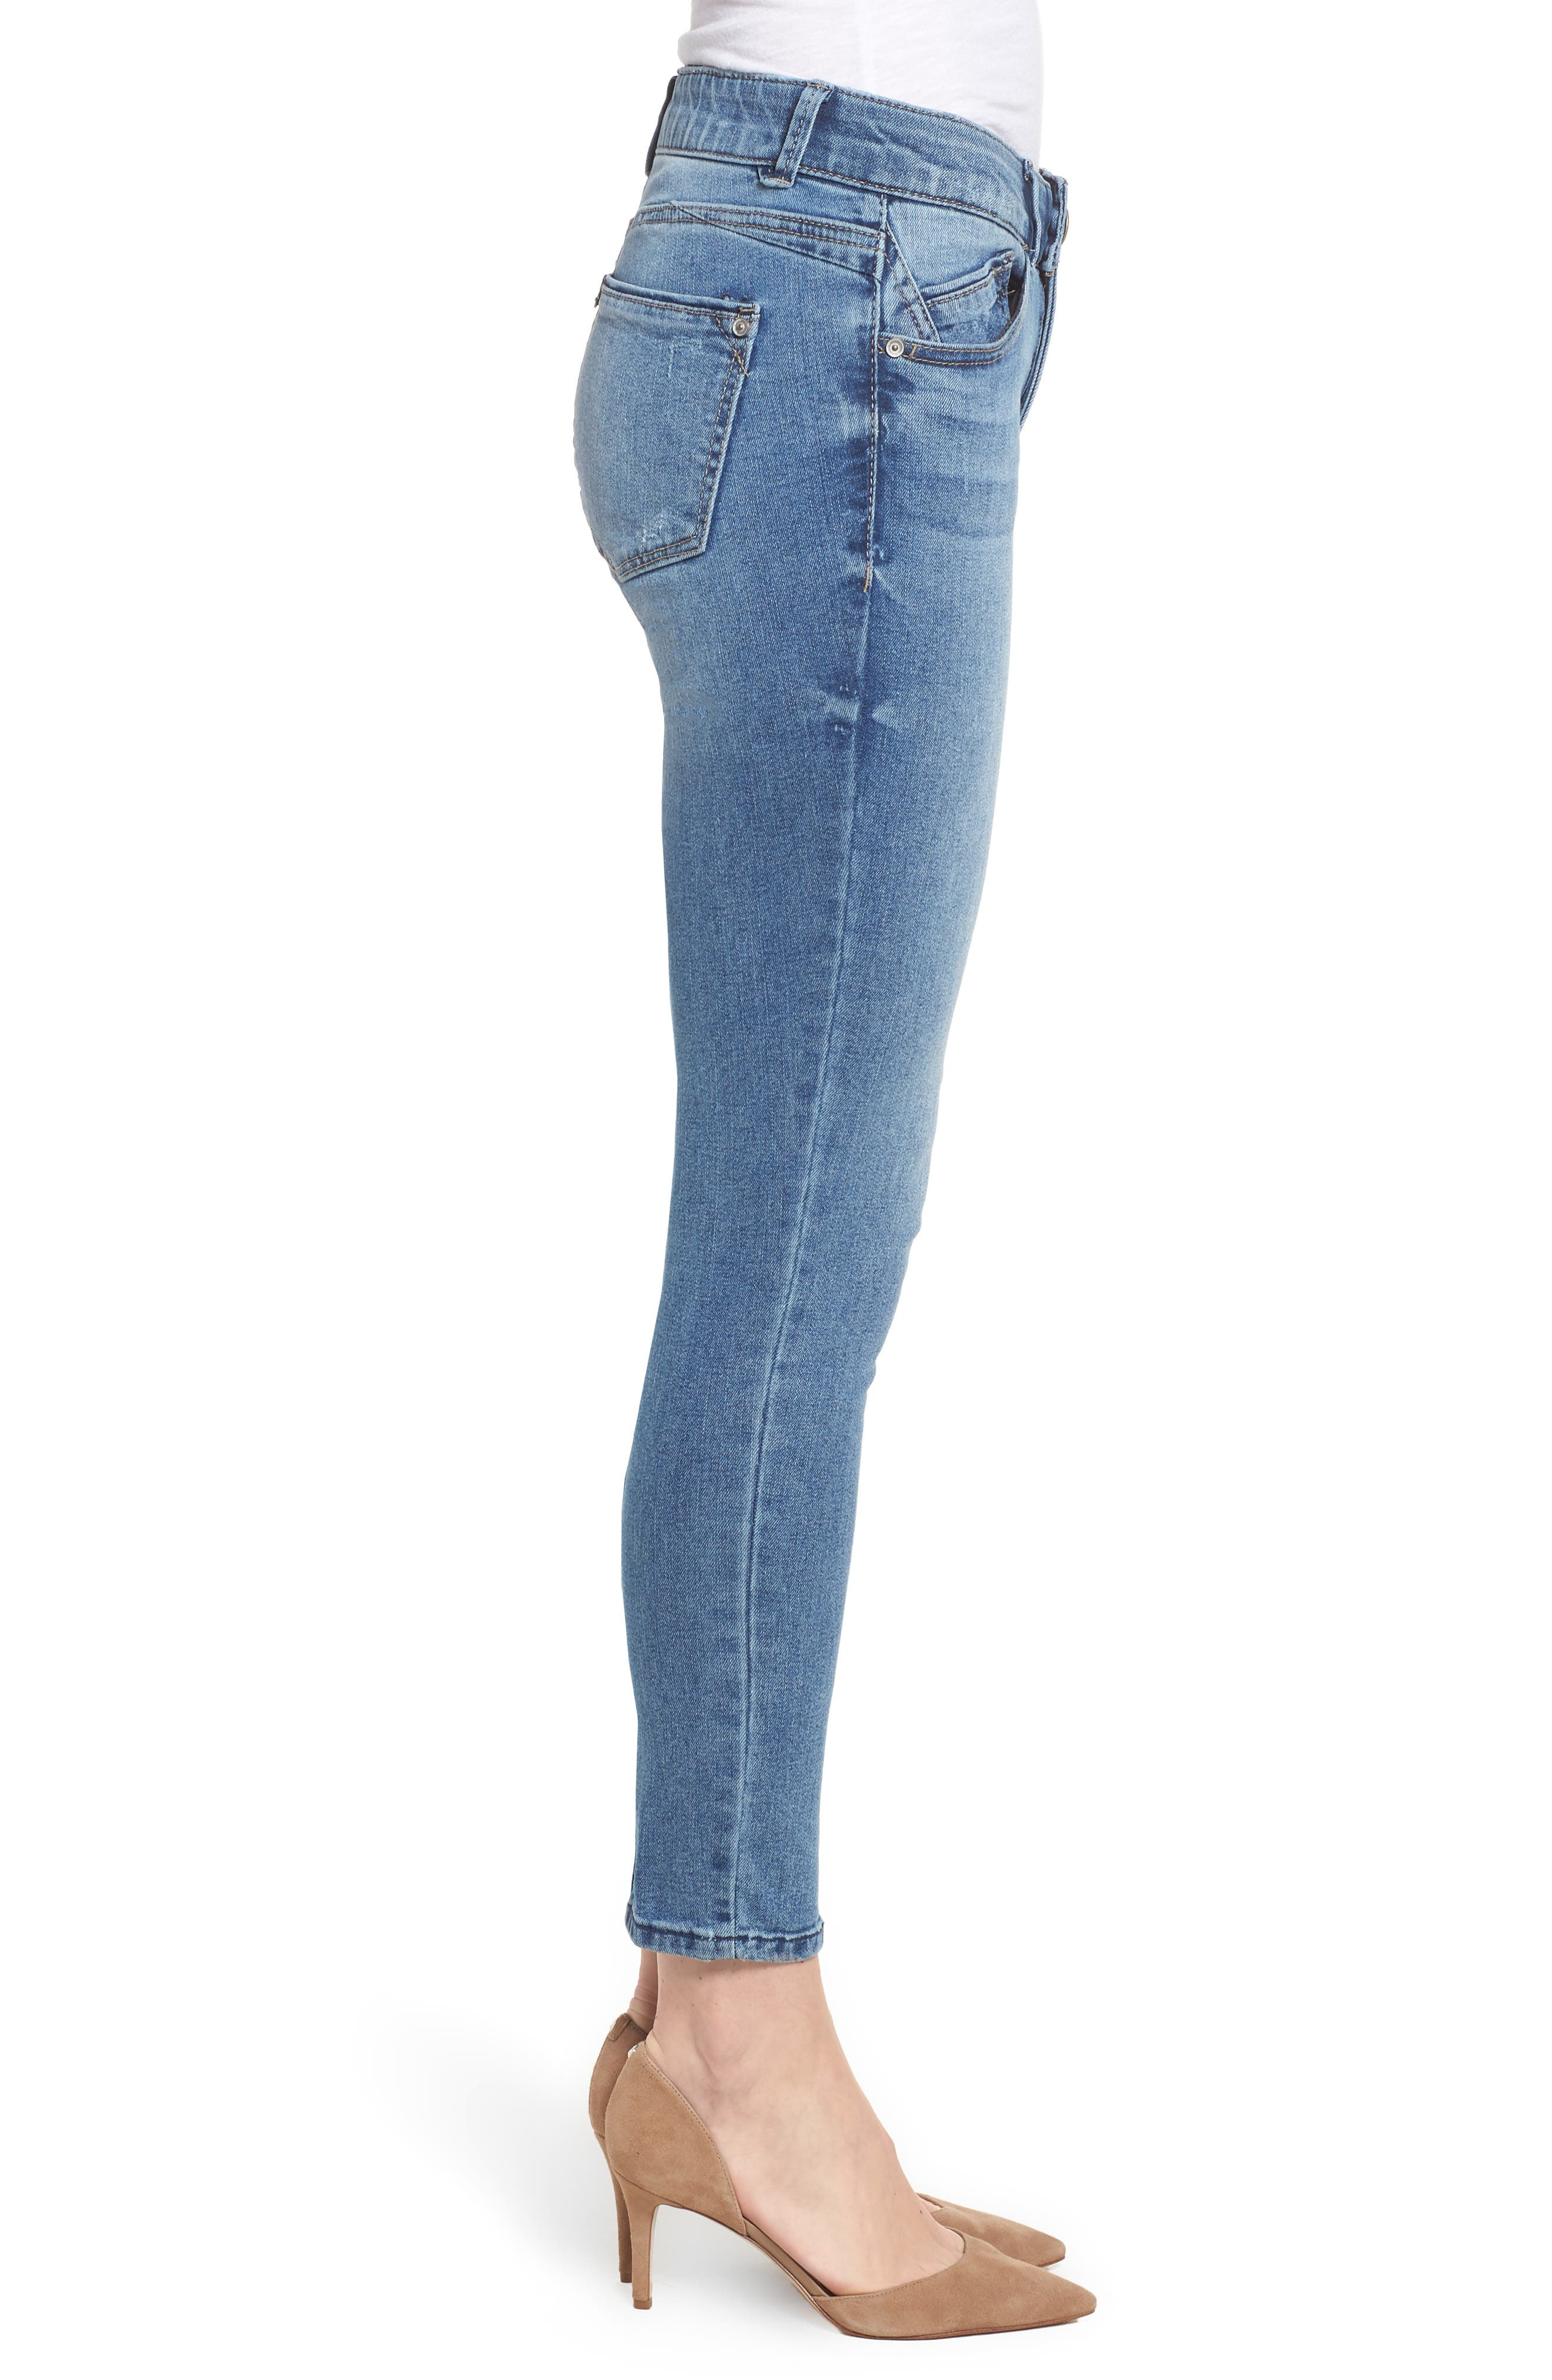 Ab-solution Ankle Skimmer Skinny Jeans Regular & Petite,                             Alternate thumbnail 3, color,                             458